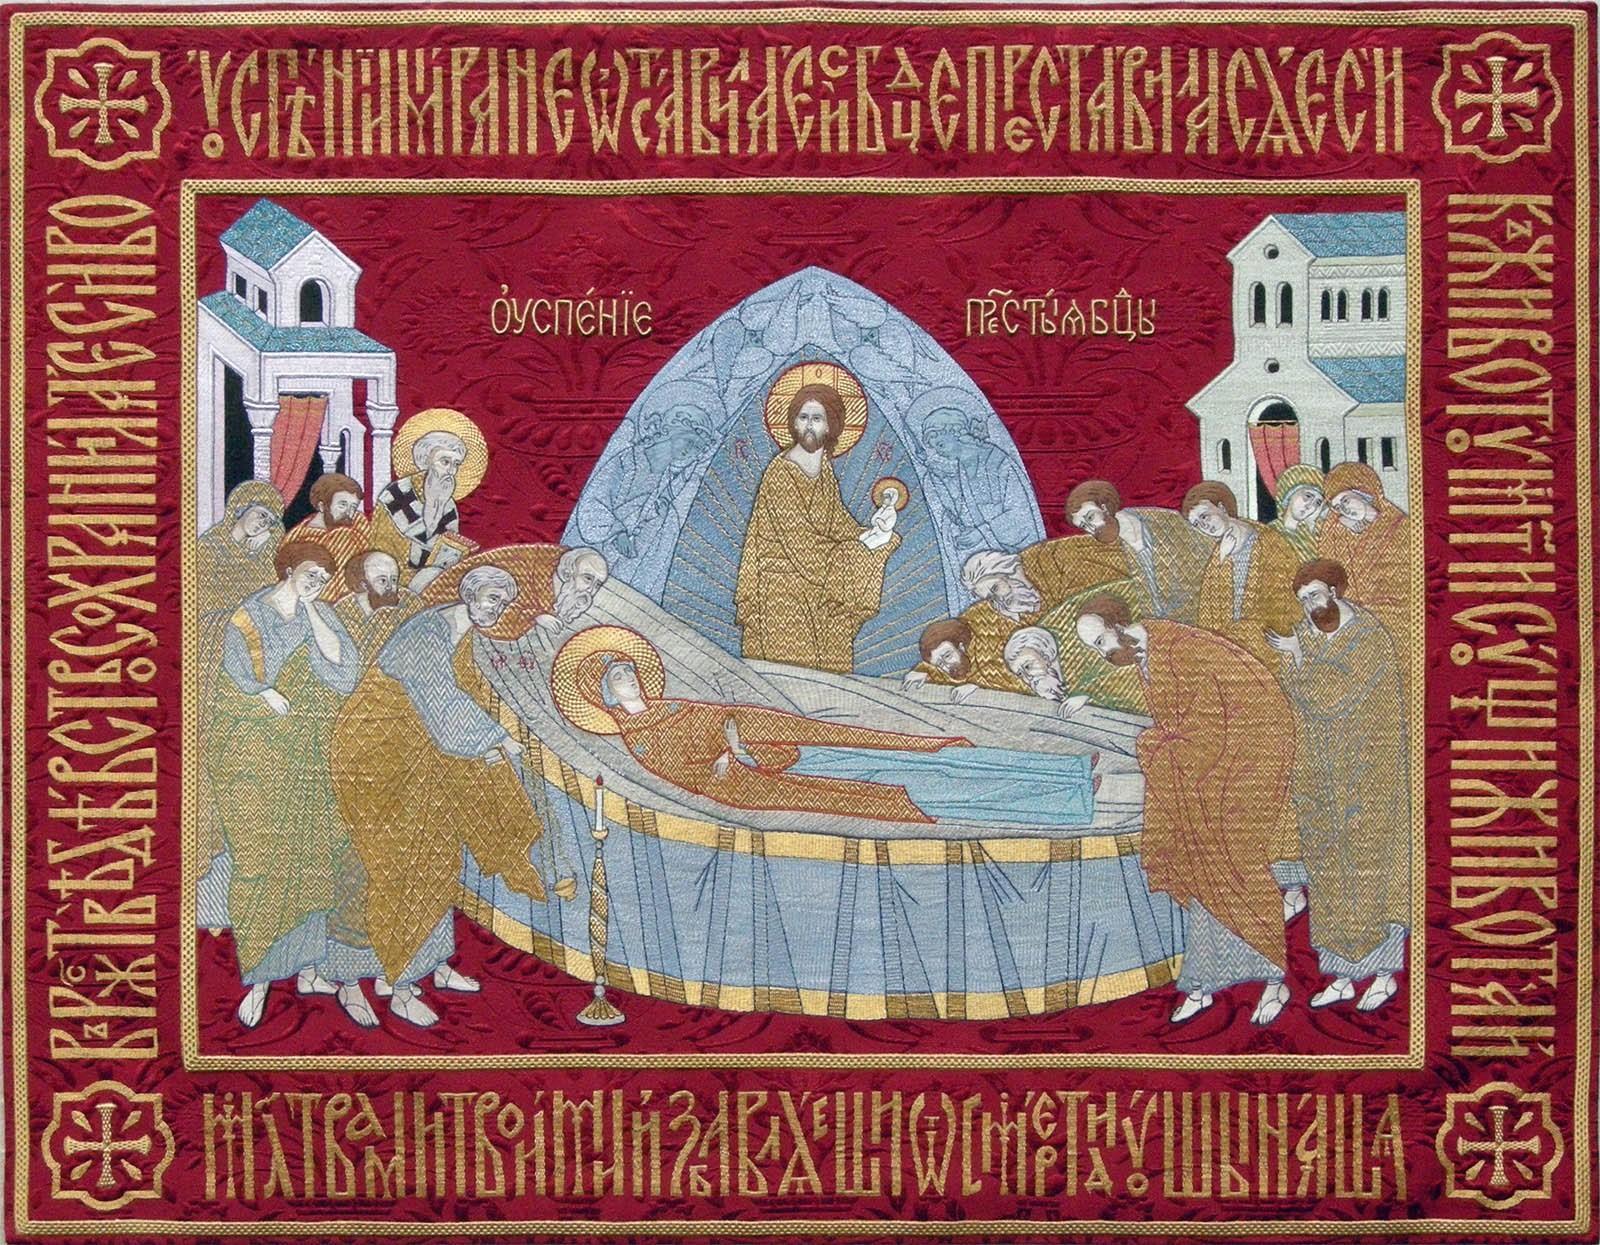 Успение Пресвятой Богородицы дата праздника, история 87